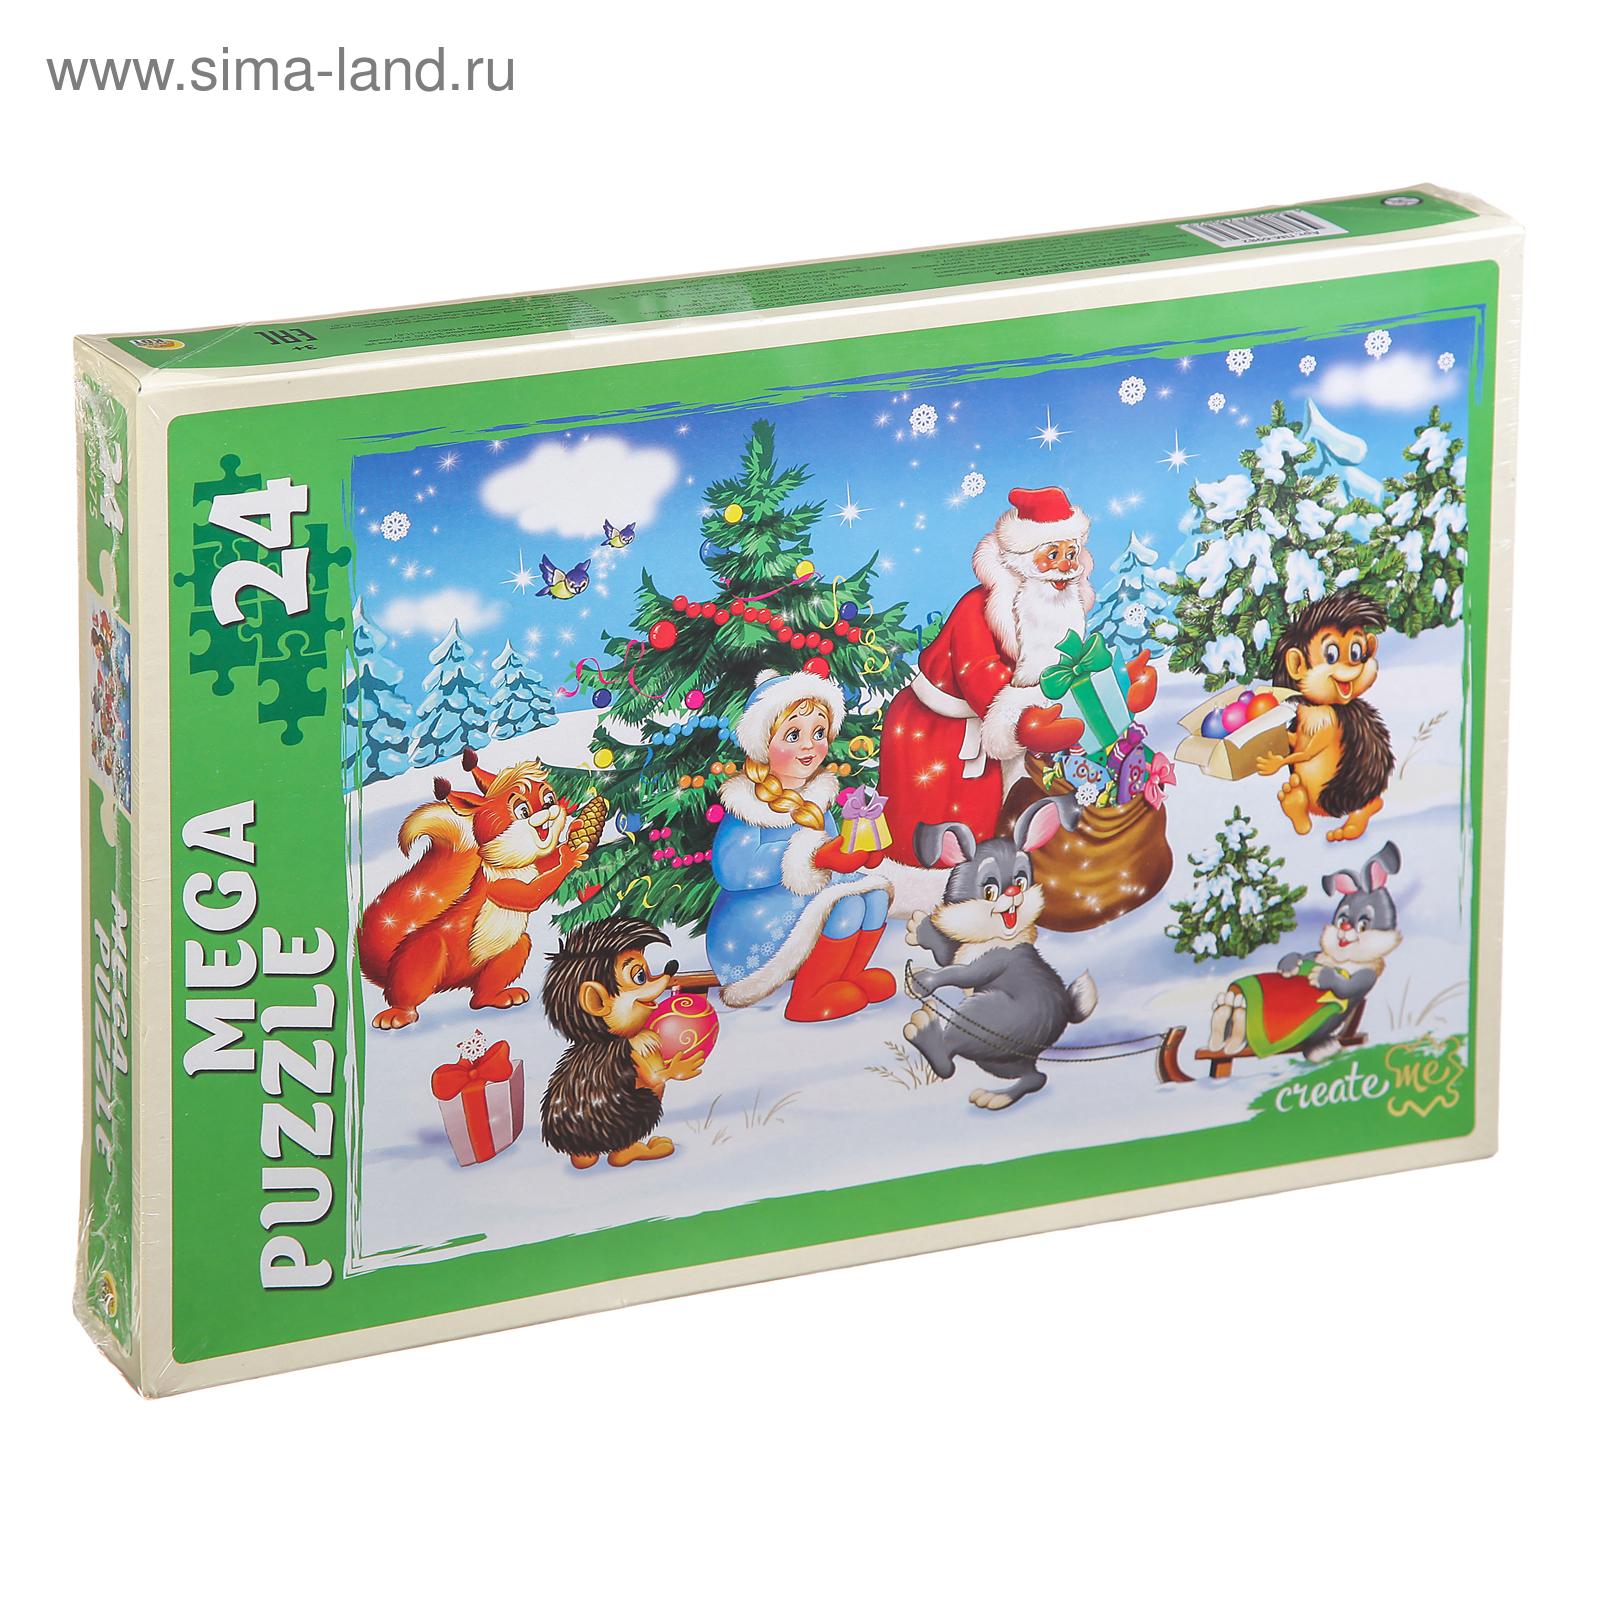 d11f6fd3f4571 Макси-пазл «Дед Мороз раздаёт подарки», 24 элемента (2813911 ...